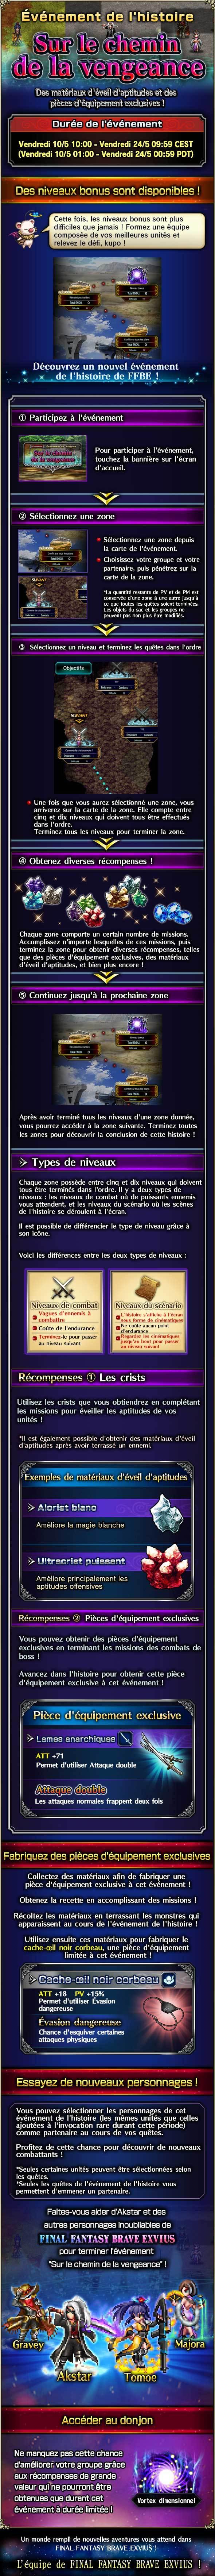 Événement de l'histoire - Sur le chemin de la vengeance (Akstar) - du 10/05 au 24/05/19 News_banner_OutforVengance